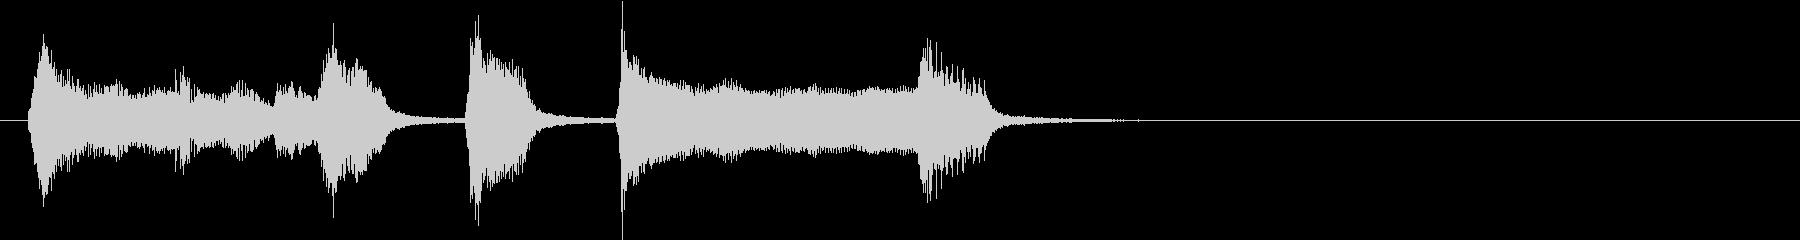 かわいくてチープなファンファーレの未再生の波形